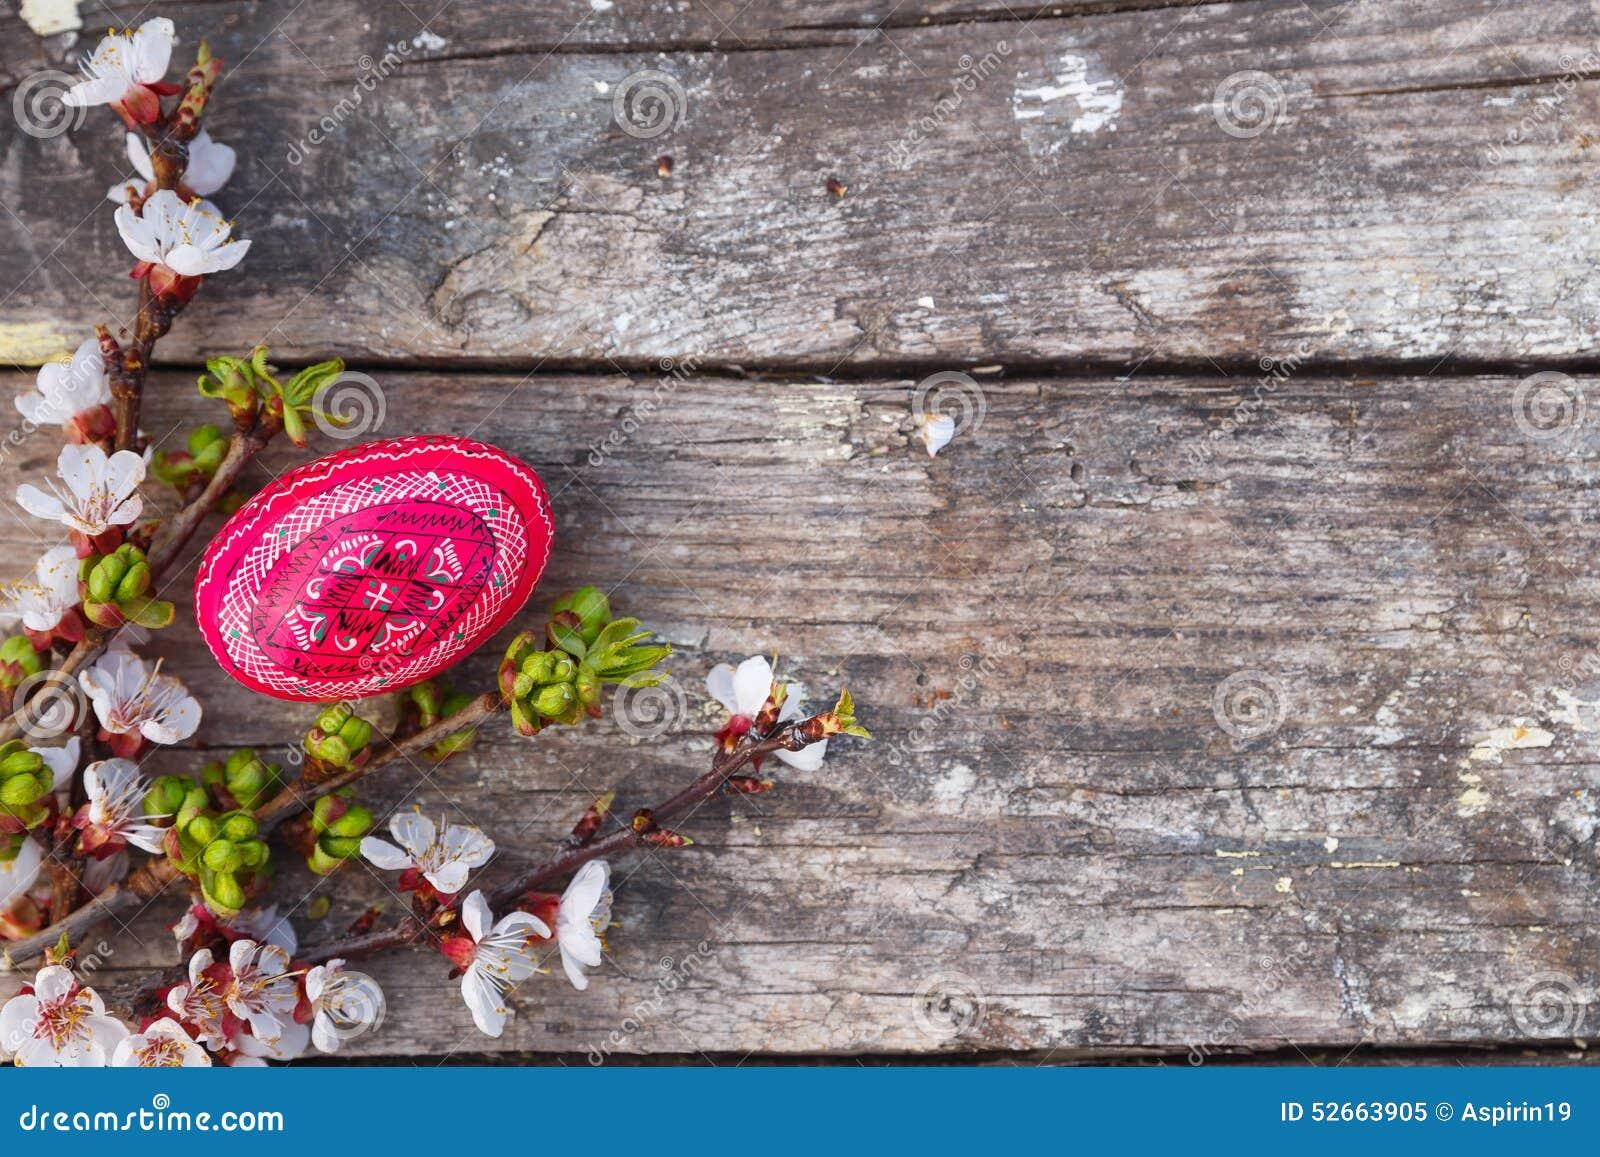 Joyeuses Pâques avec des oeufs et des fleurs de ressort